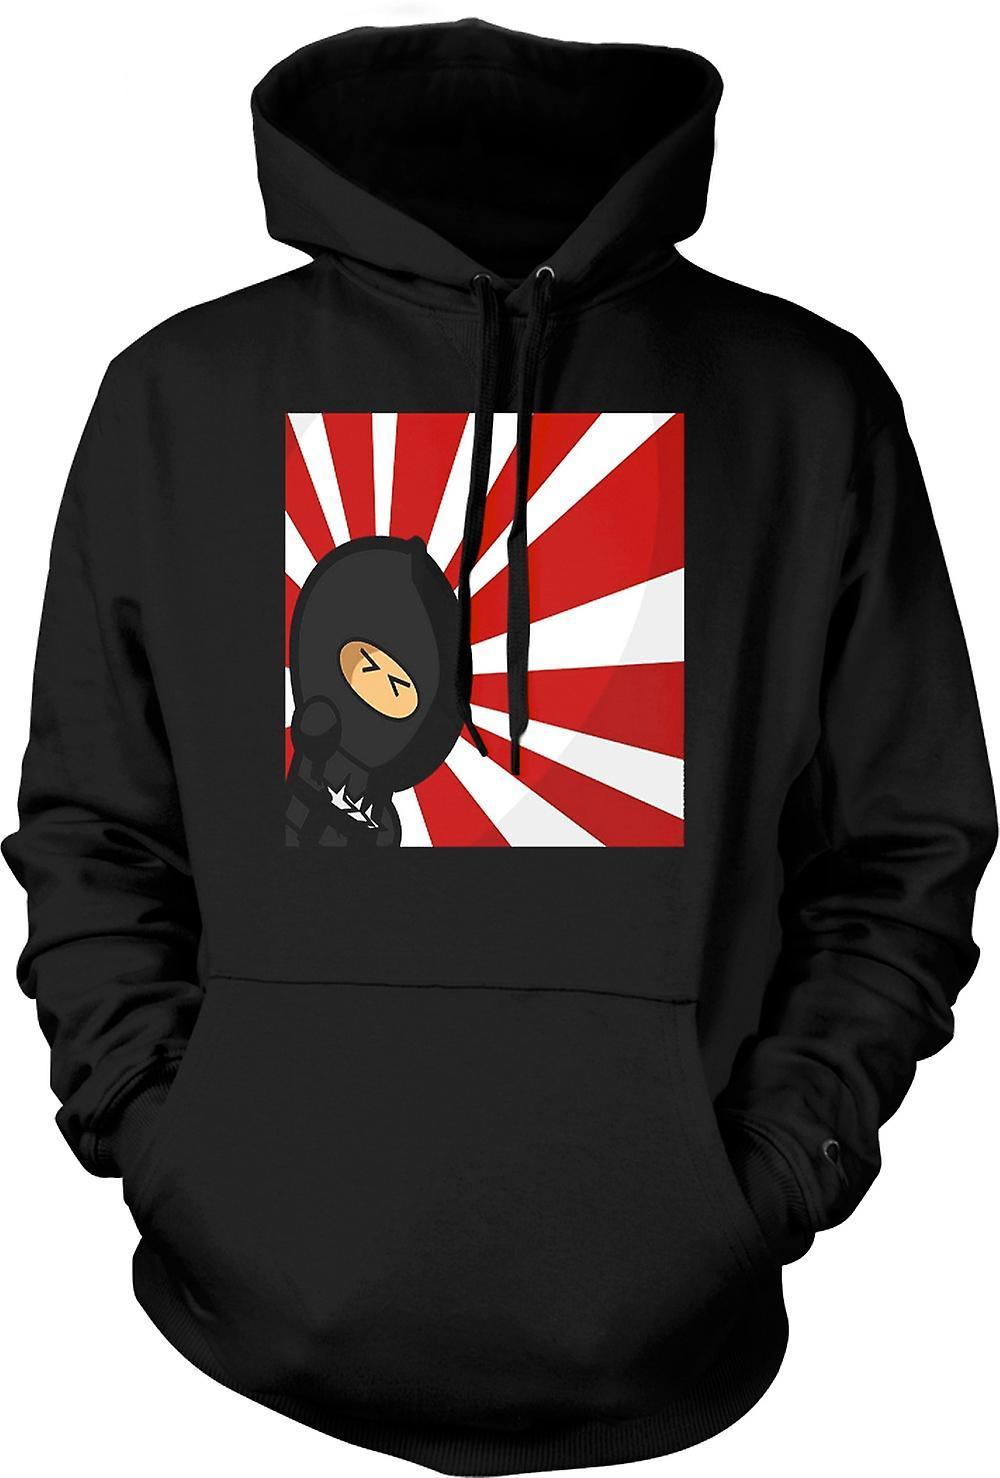 Mens-Hoodie - Ninja - Pop Art - lustig